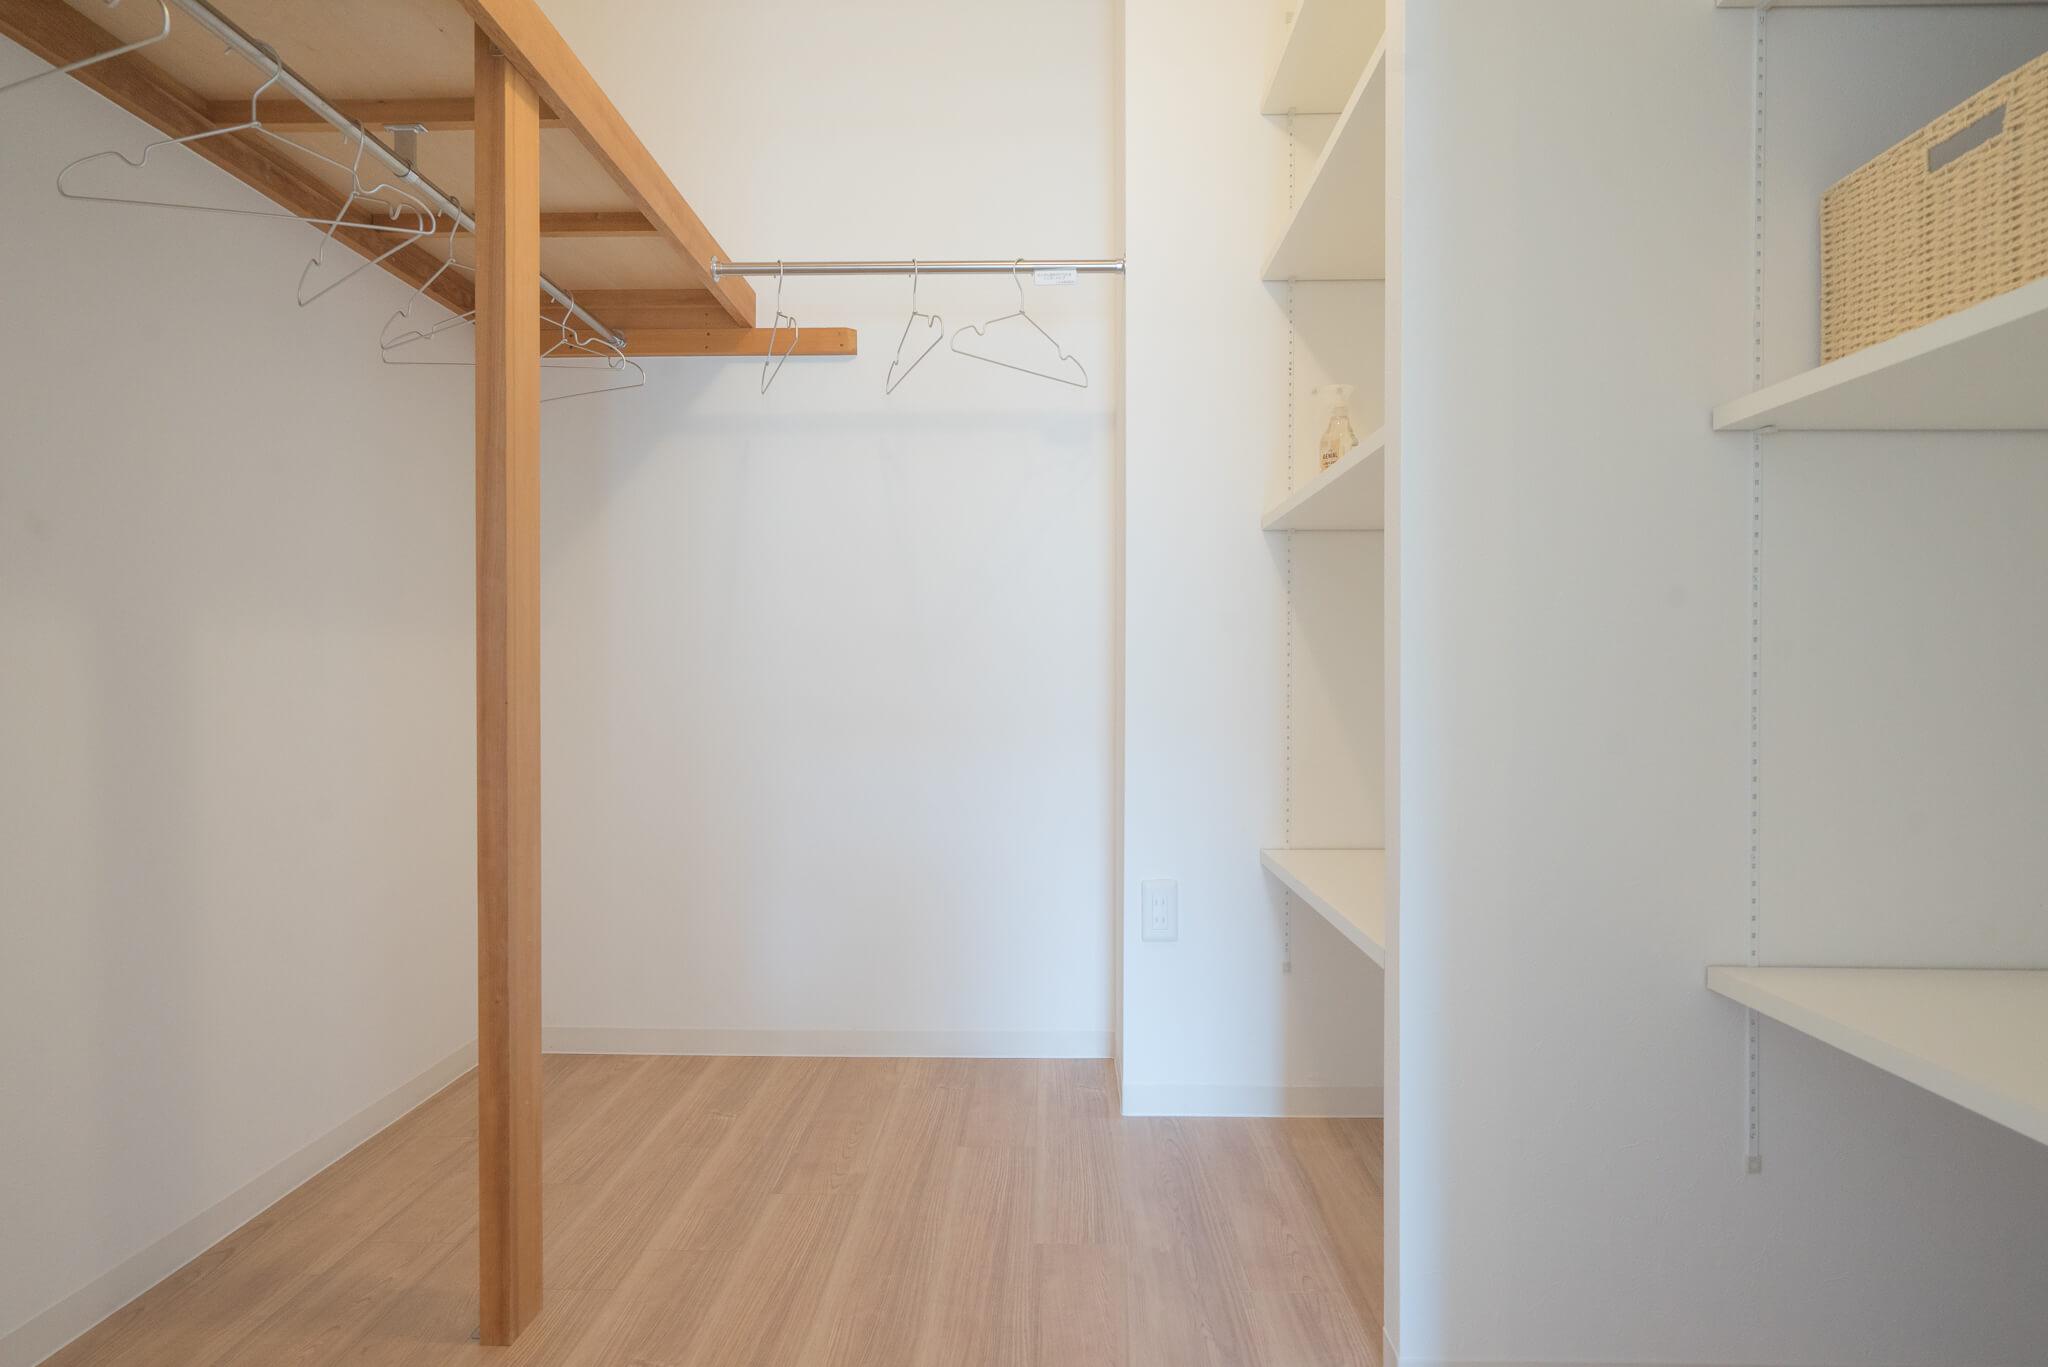 思わず、いいなぁ〜と羨ましくなってしまったのが、寝室横についている大きなウォークインクローゼット。可動式の棚板がたくさんついた収納、こういうのがあると、すっきり部屋が片付きますよね。